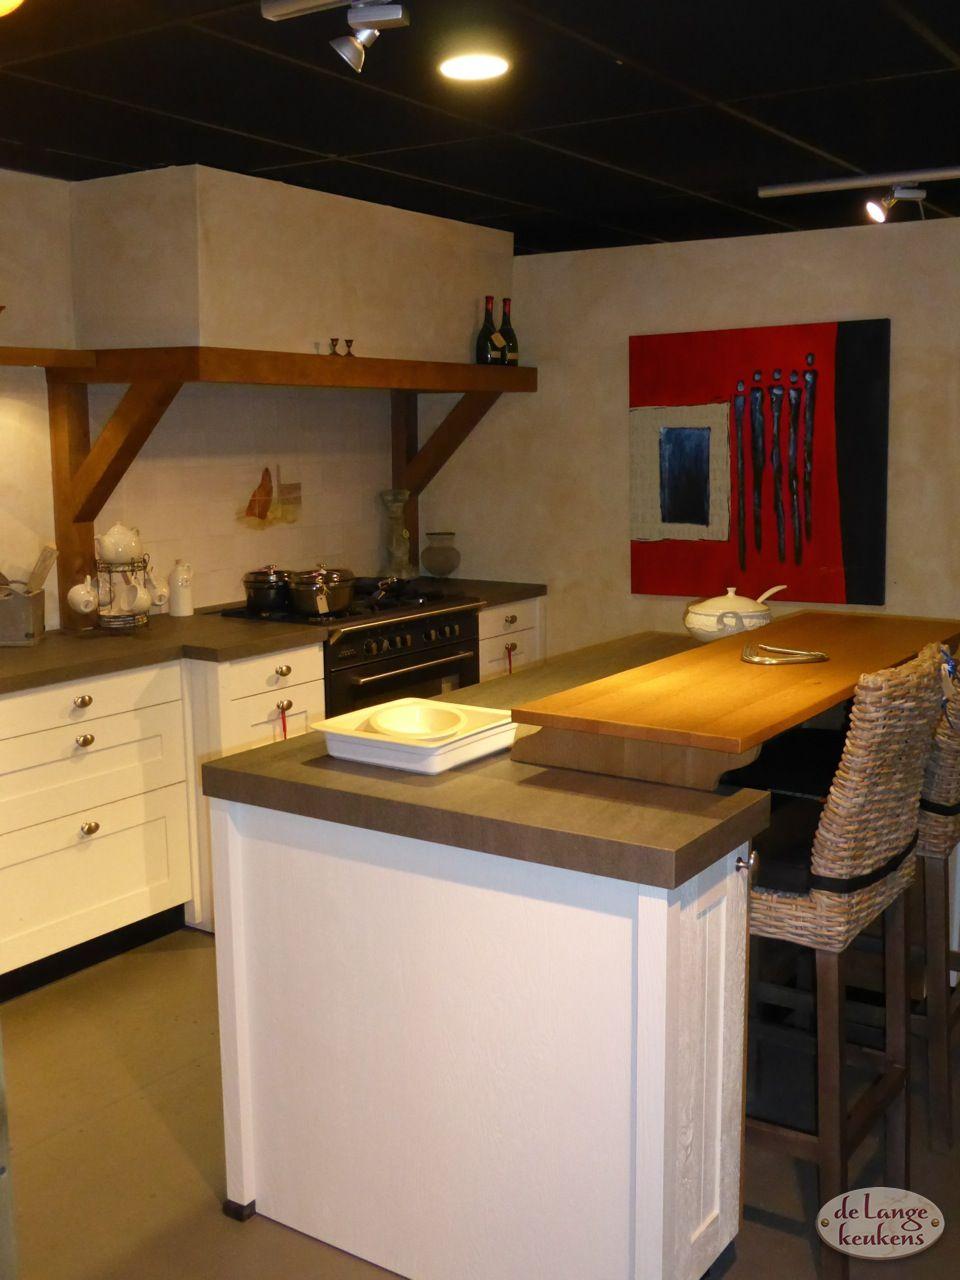 Bedwelming Keuken inspiratie: landelijk met kookeiland - De Lange Keukens @UC34